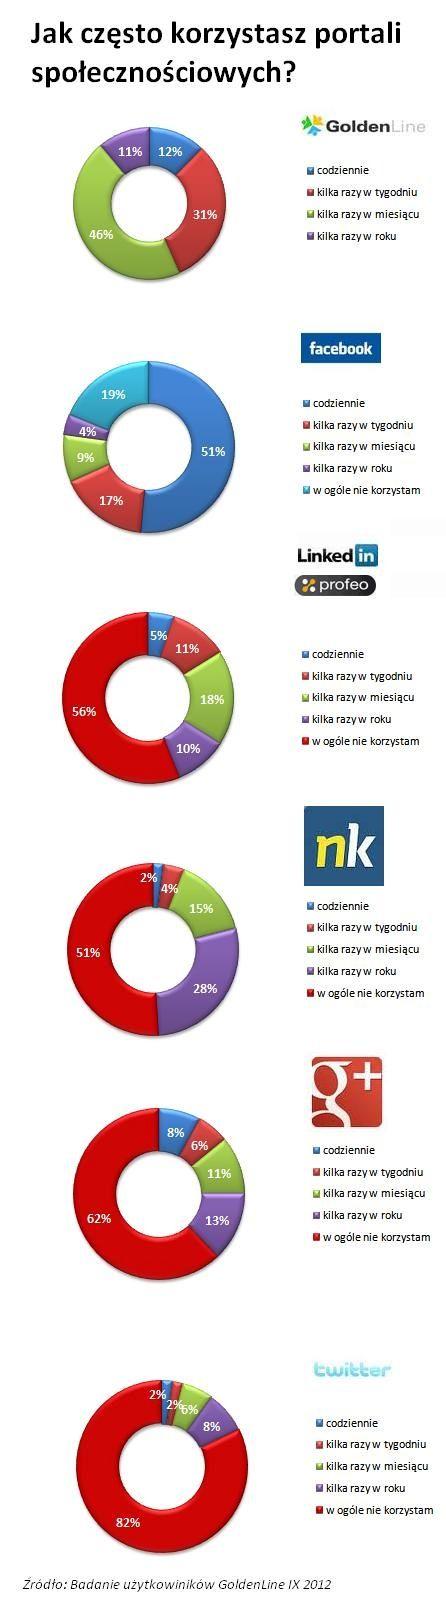 Socjalni Polacy - Jak często odwiedzamy portale społecznościowe? (infografika)